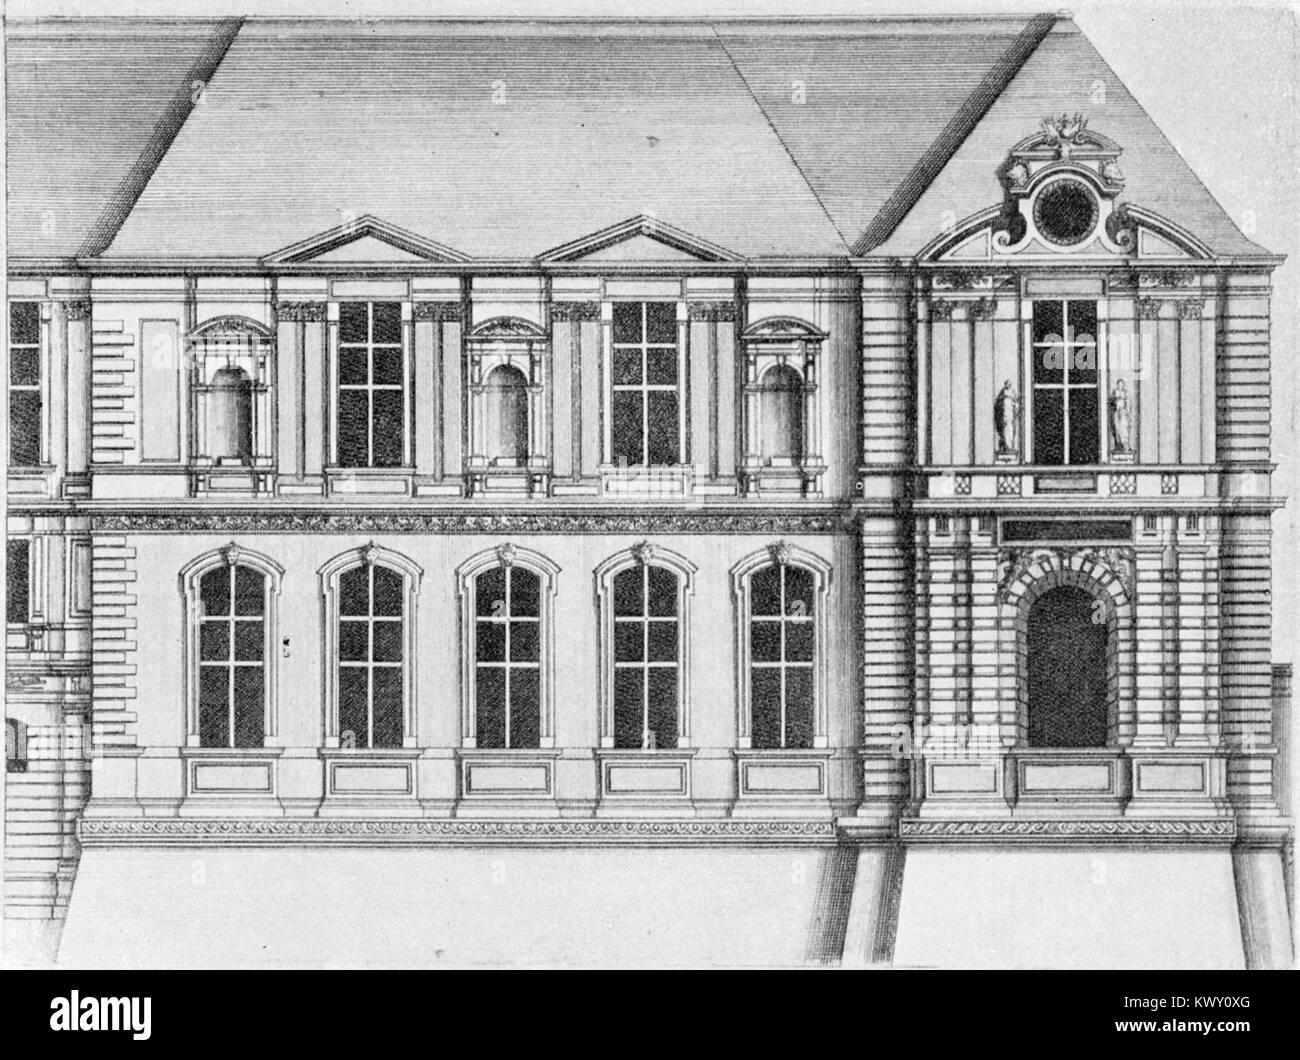 L'Architecture française (Marot) – Façade sur le quai de l'extrémité de la Galerie d'Apollon - Stock Image